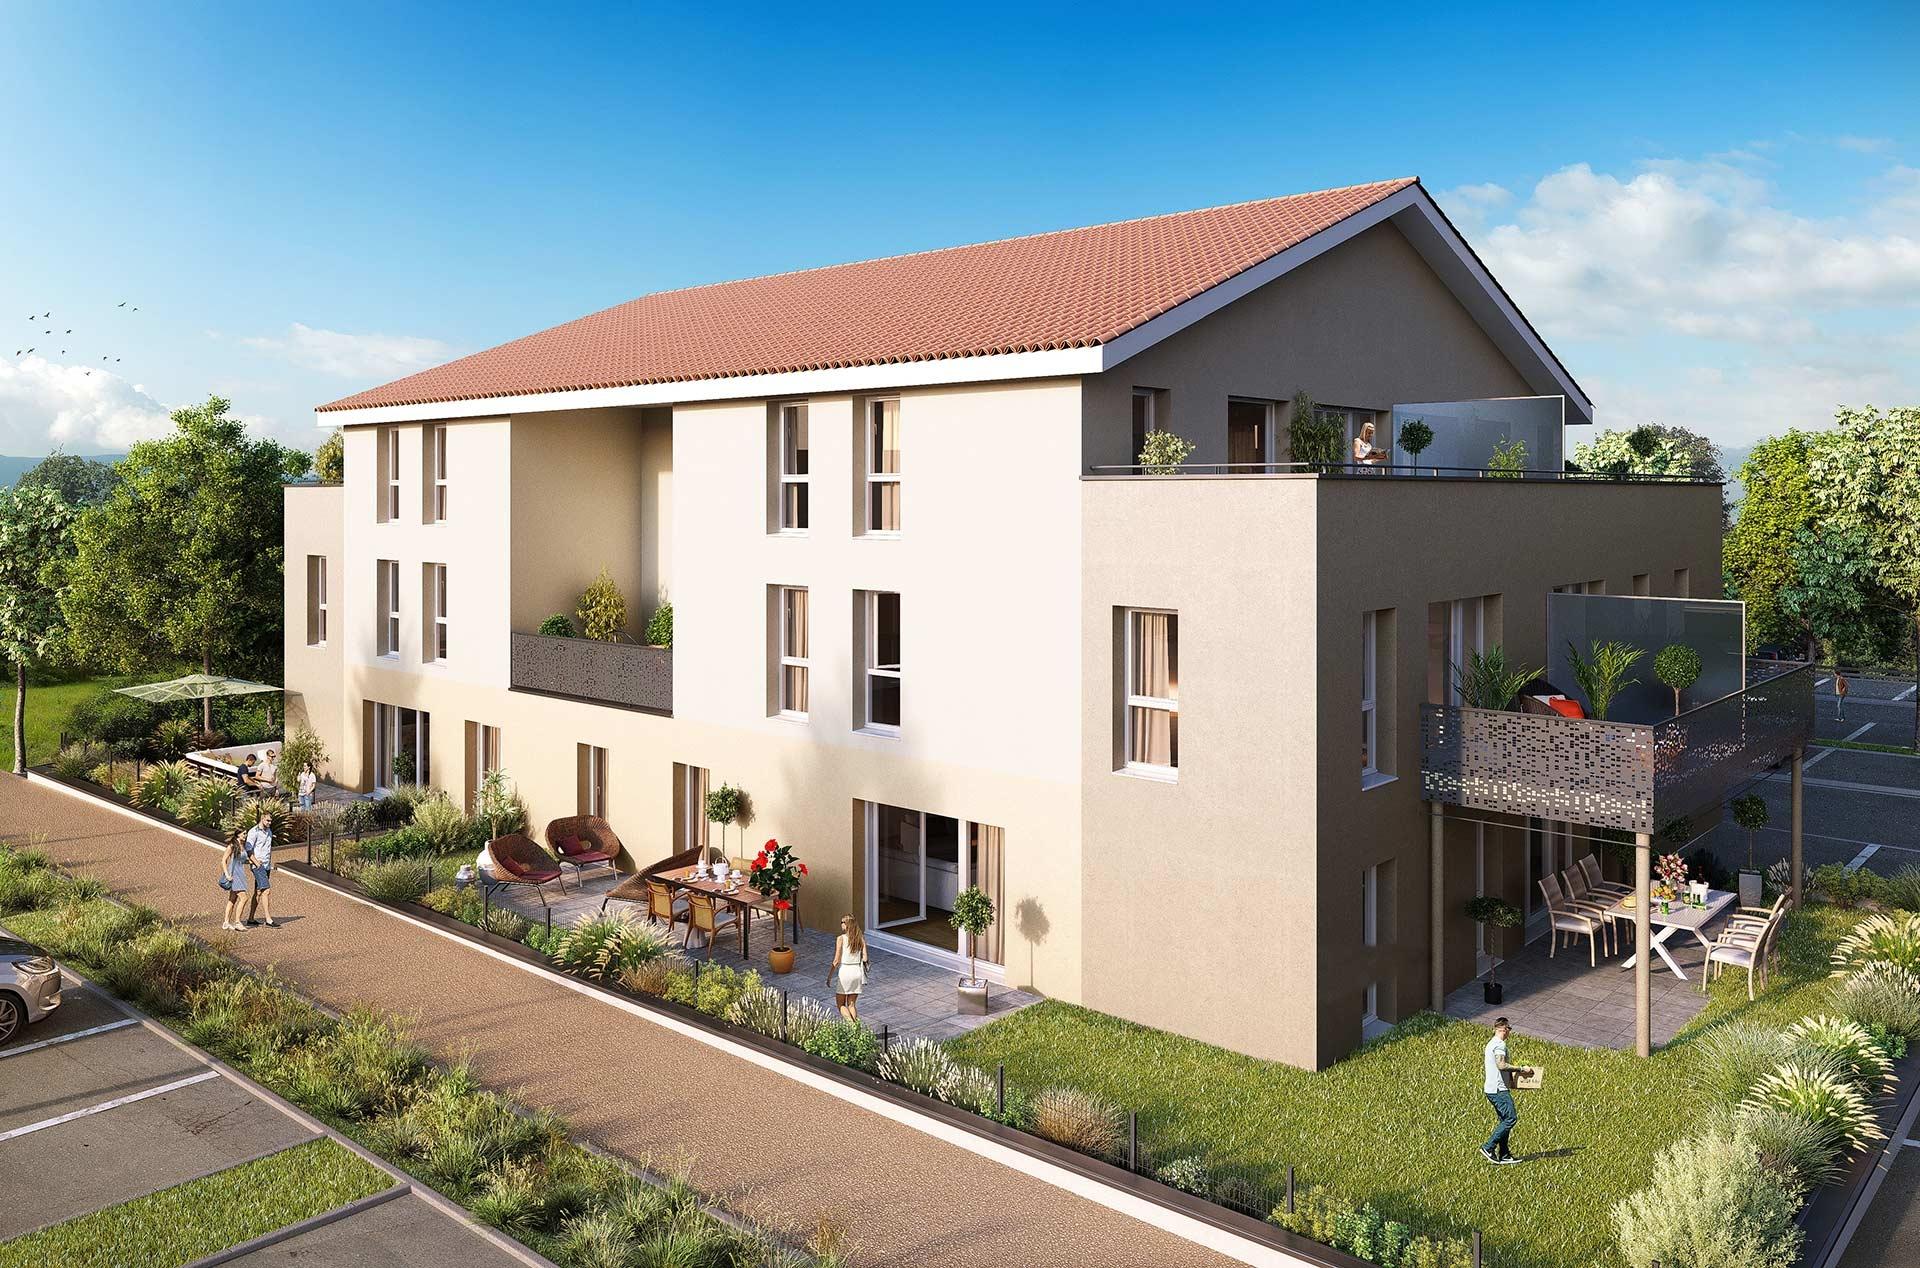 Programme immobilier Chasse-sur-rhone (38670) Quartier calme et apaisant LNC14